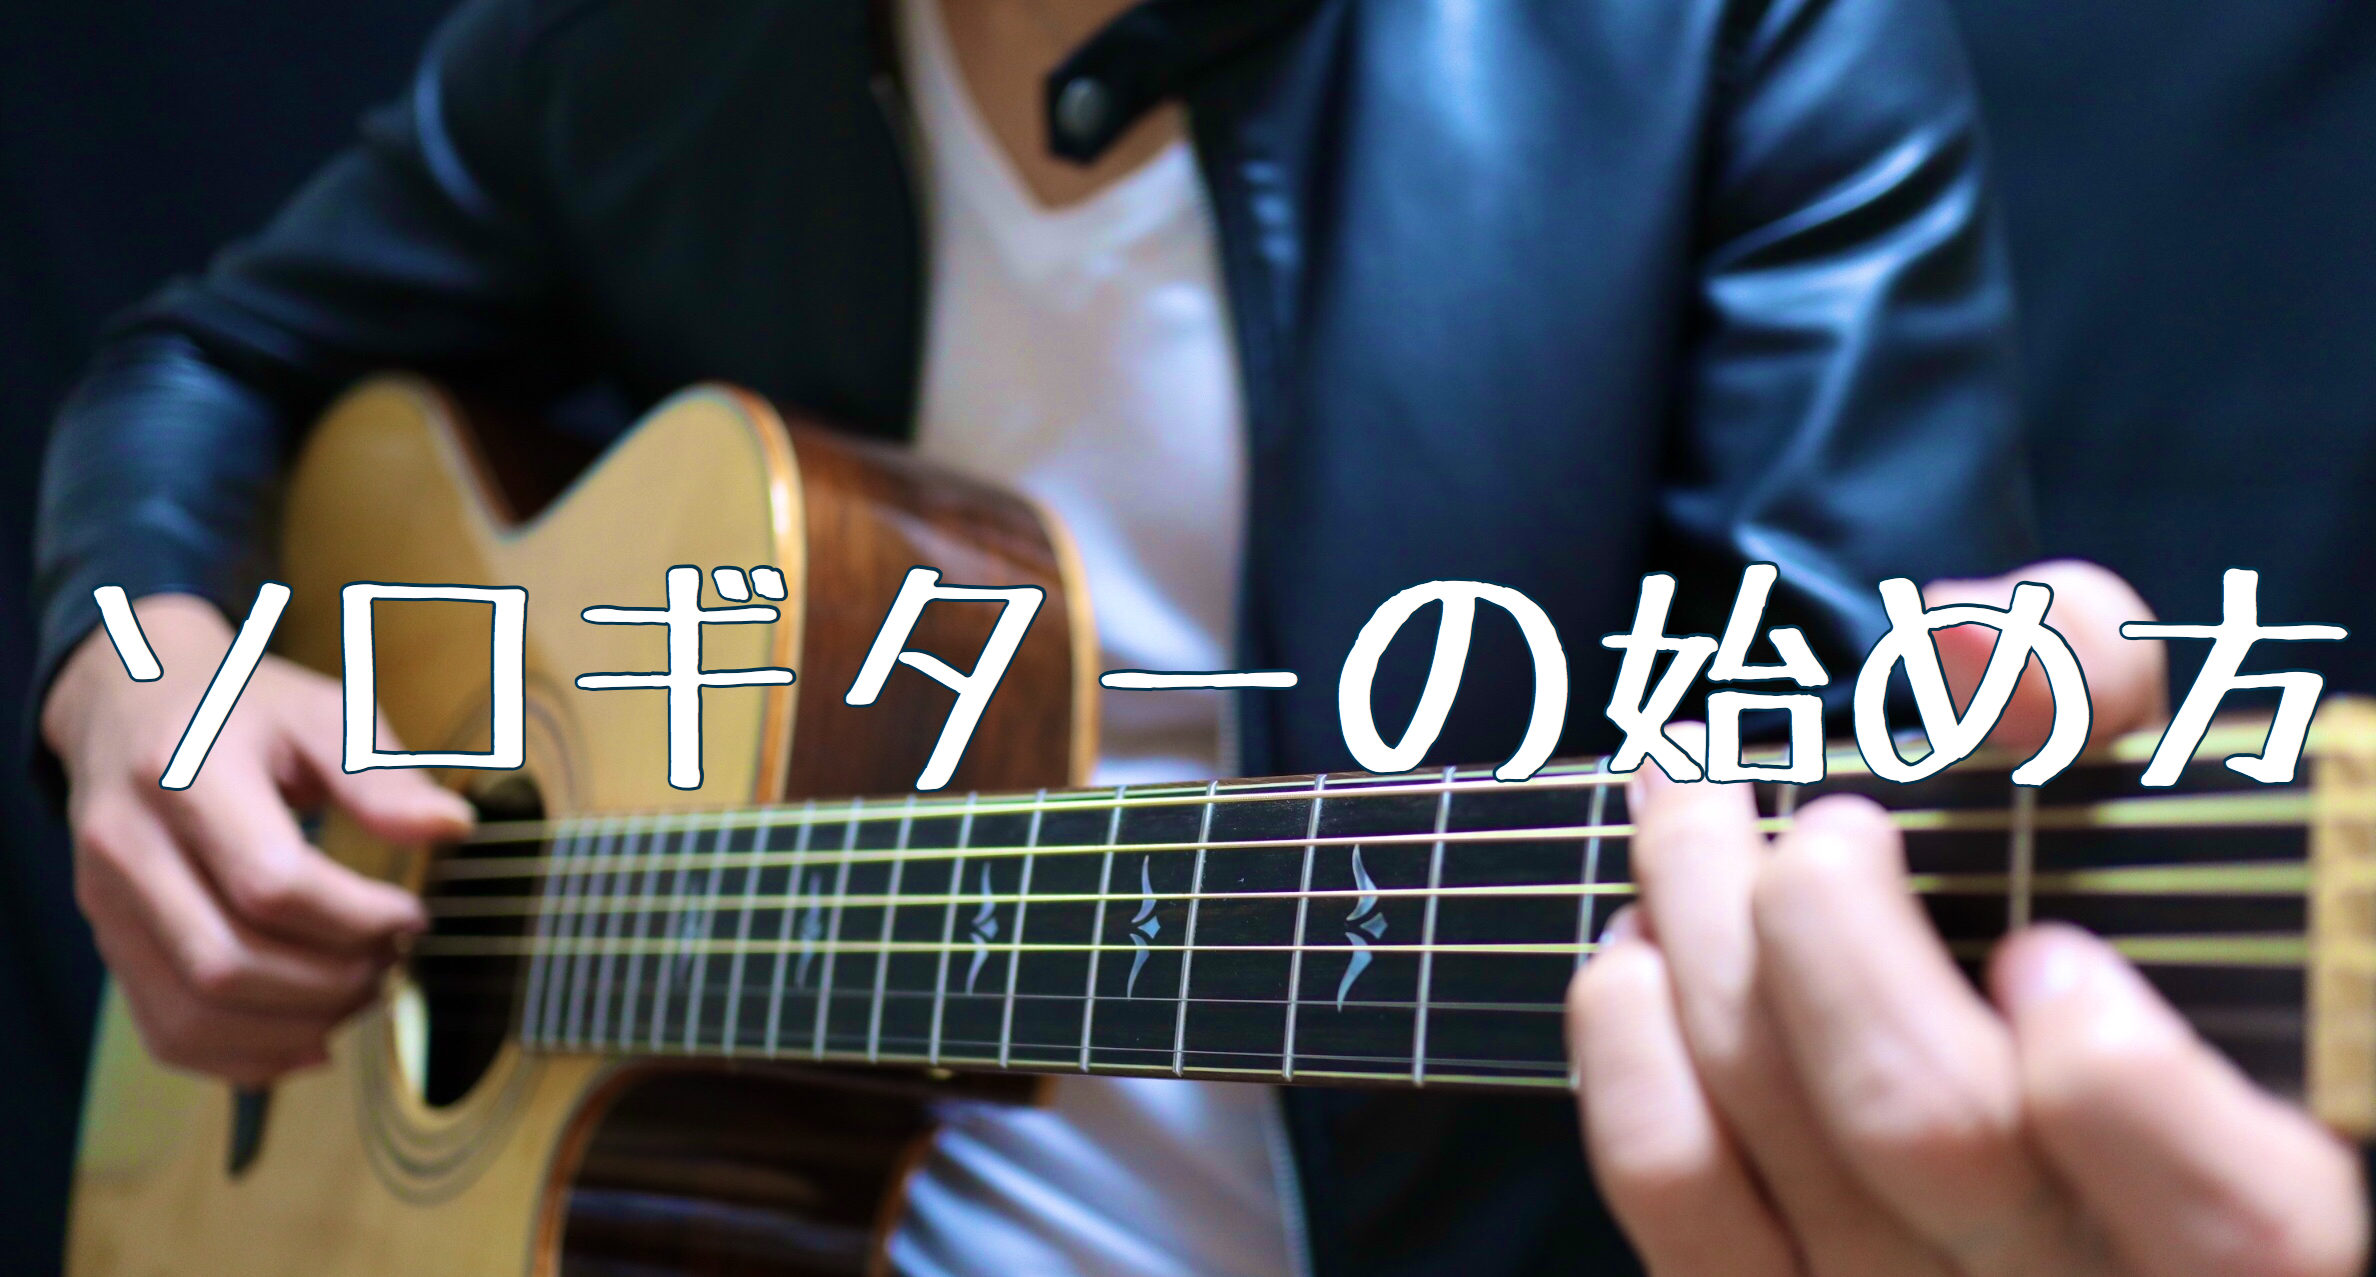 ソロギターを弾く男性